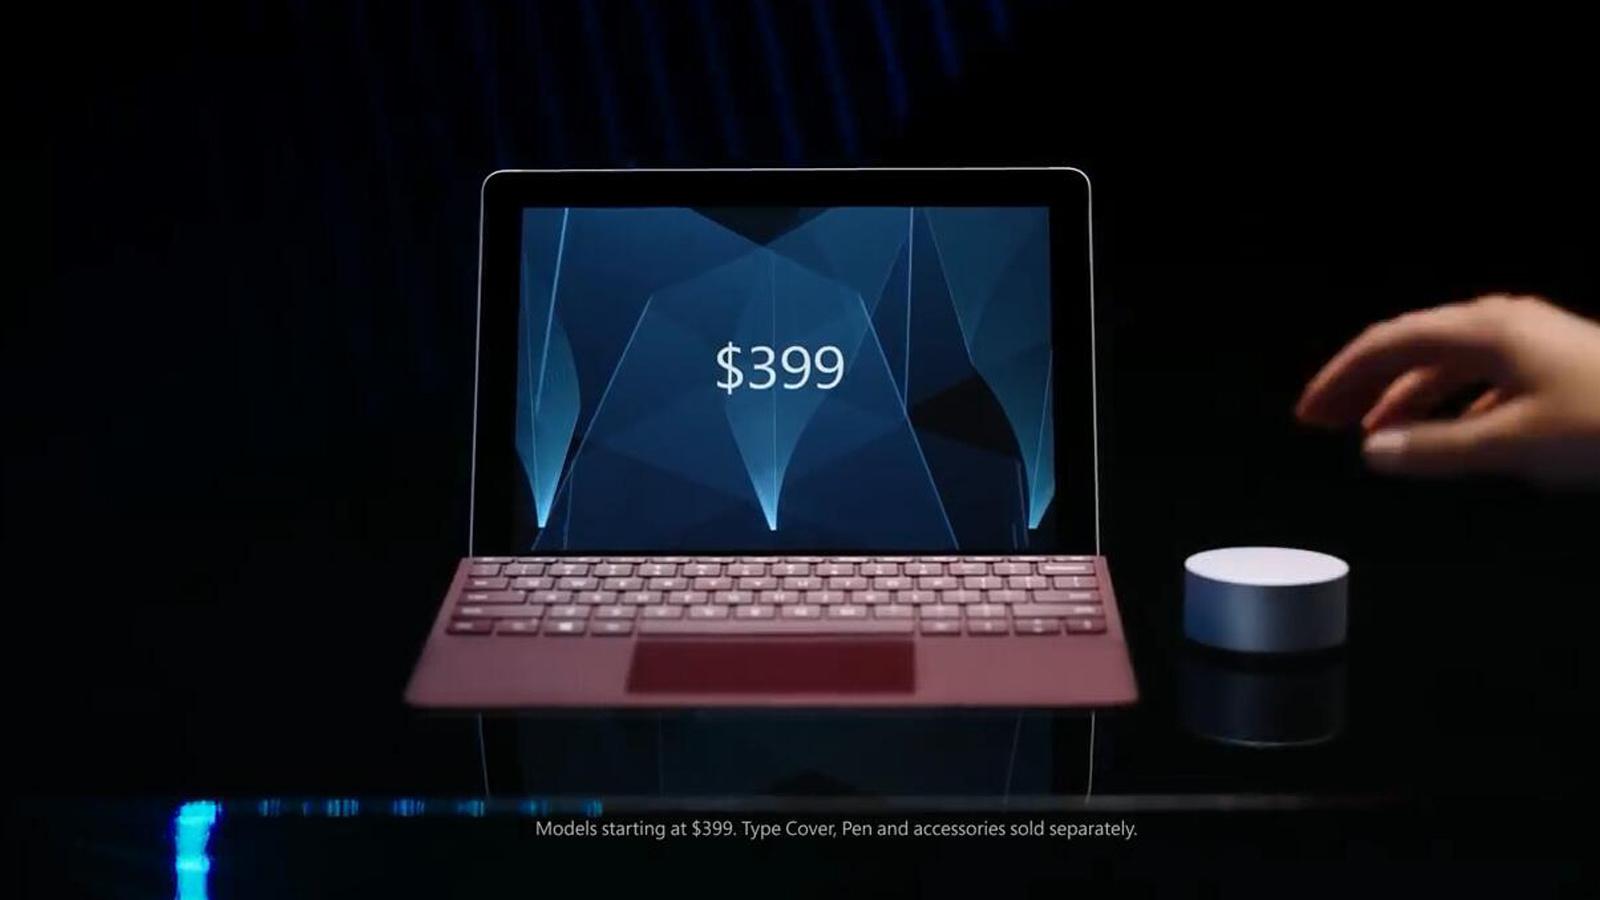 微軟公佈Surface Go筆記本,售價399美元